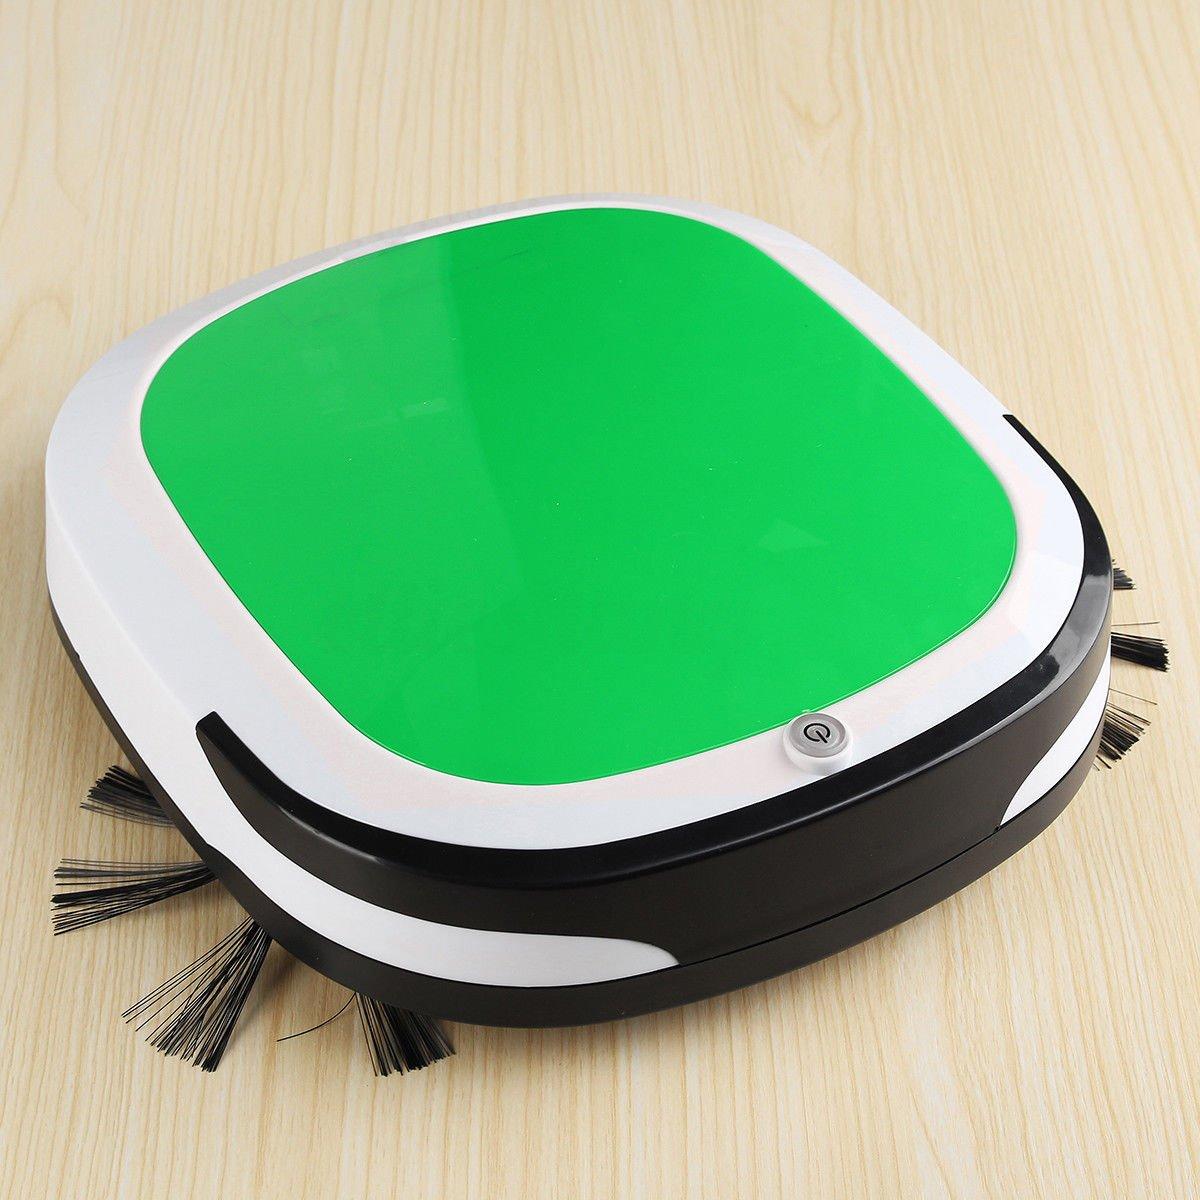 Exclusivo Robot aspirador inteligente automático Silencioso apto para todos los tipos de suelo - doméstico aspira para la limpieza de suelos Cleaning Mop ...